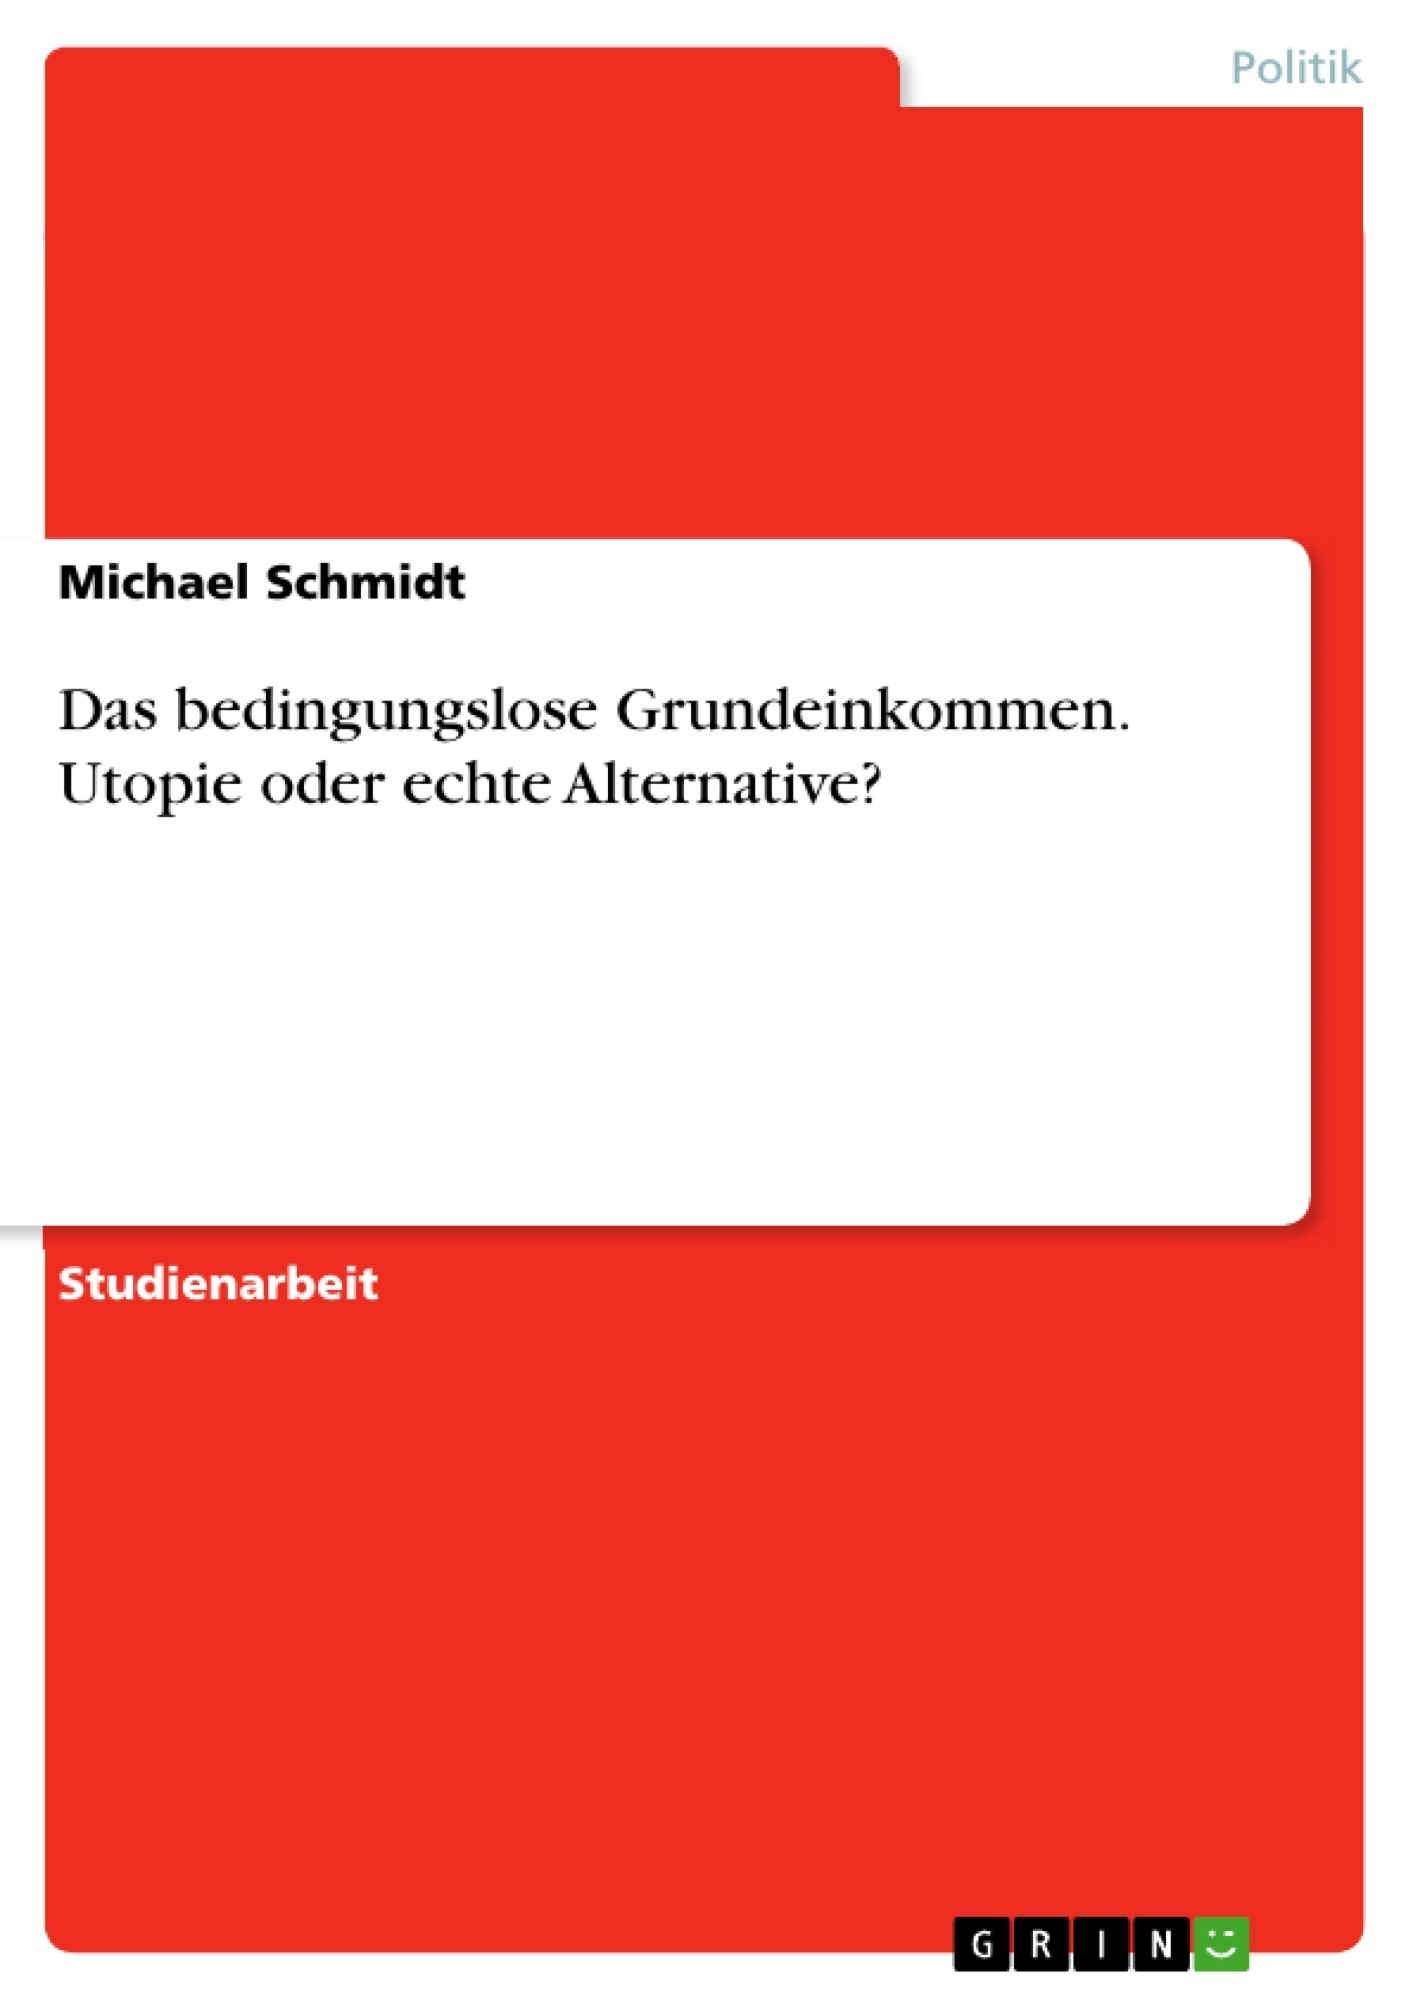 Titel: Das bedingungslose Grundeinkommen. Utopie oder echte Alternative?